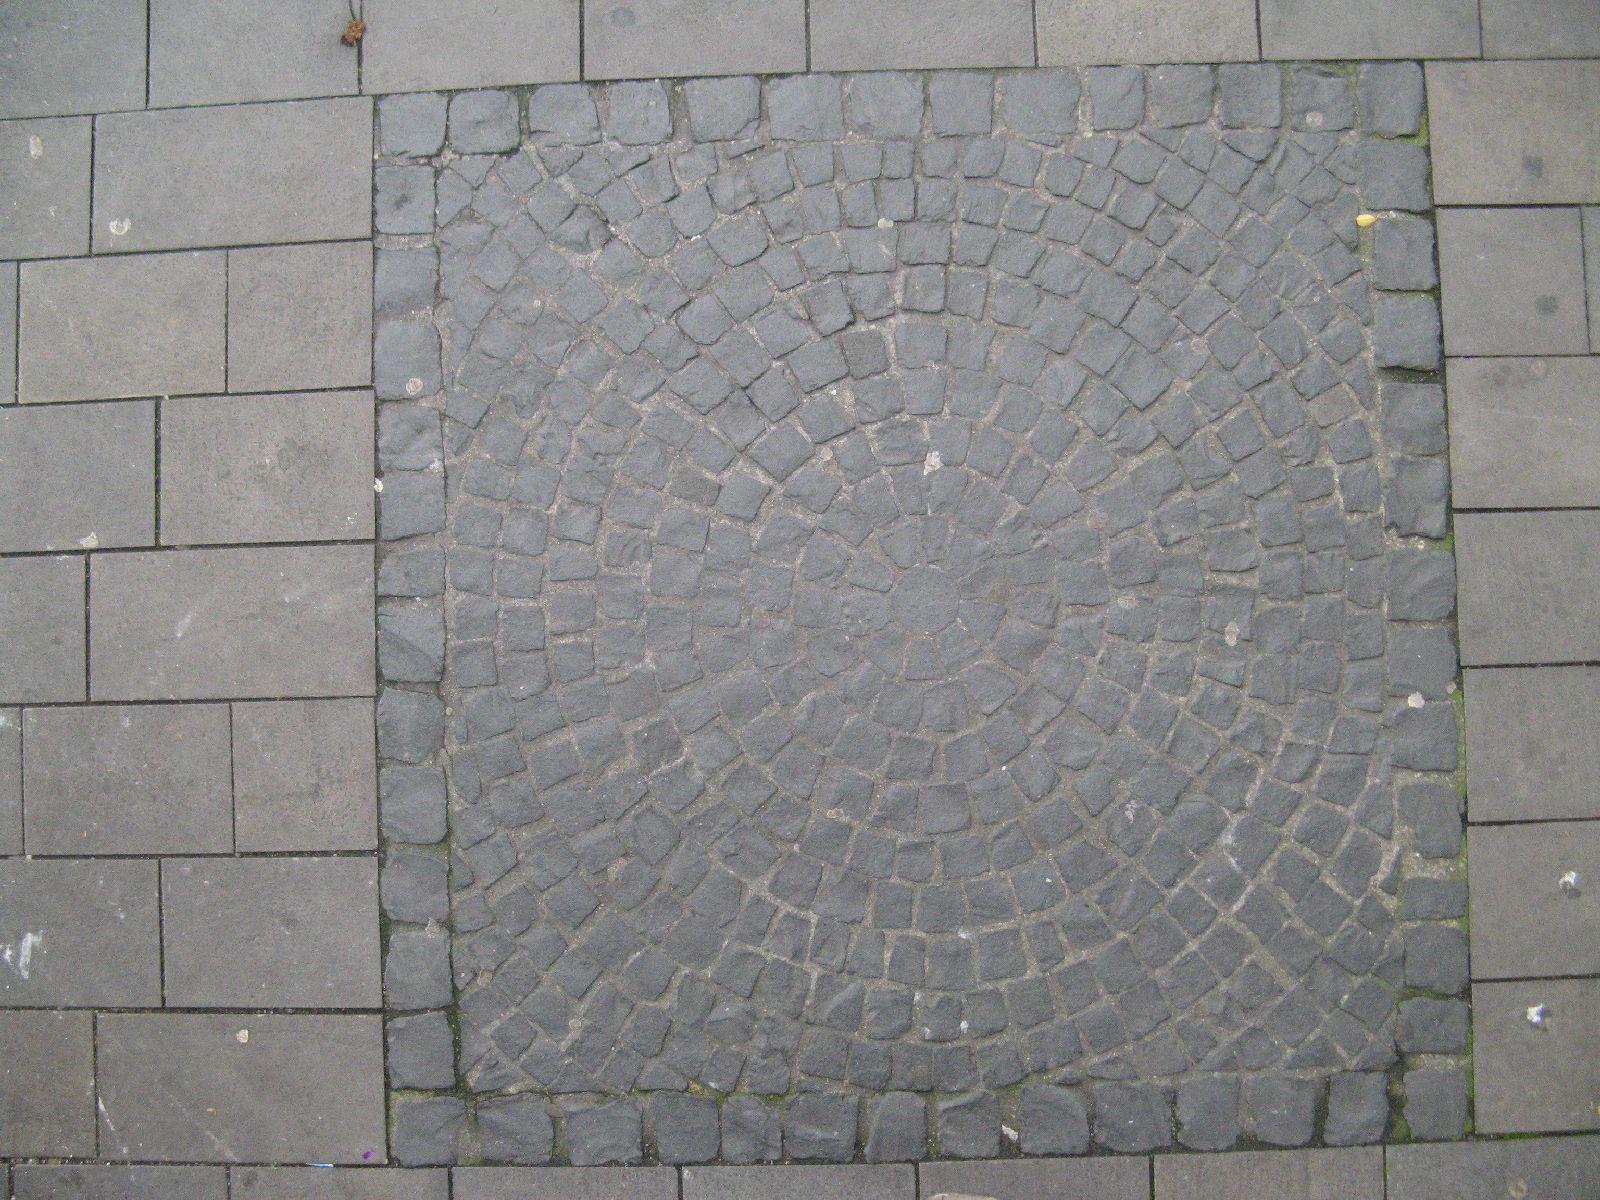 Ground-Urban_Texture_B_3319